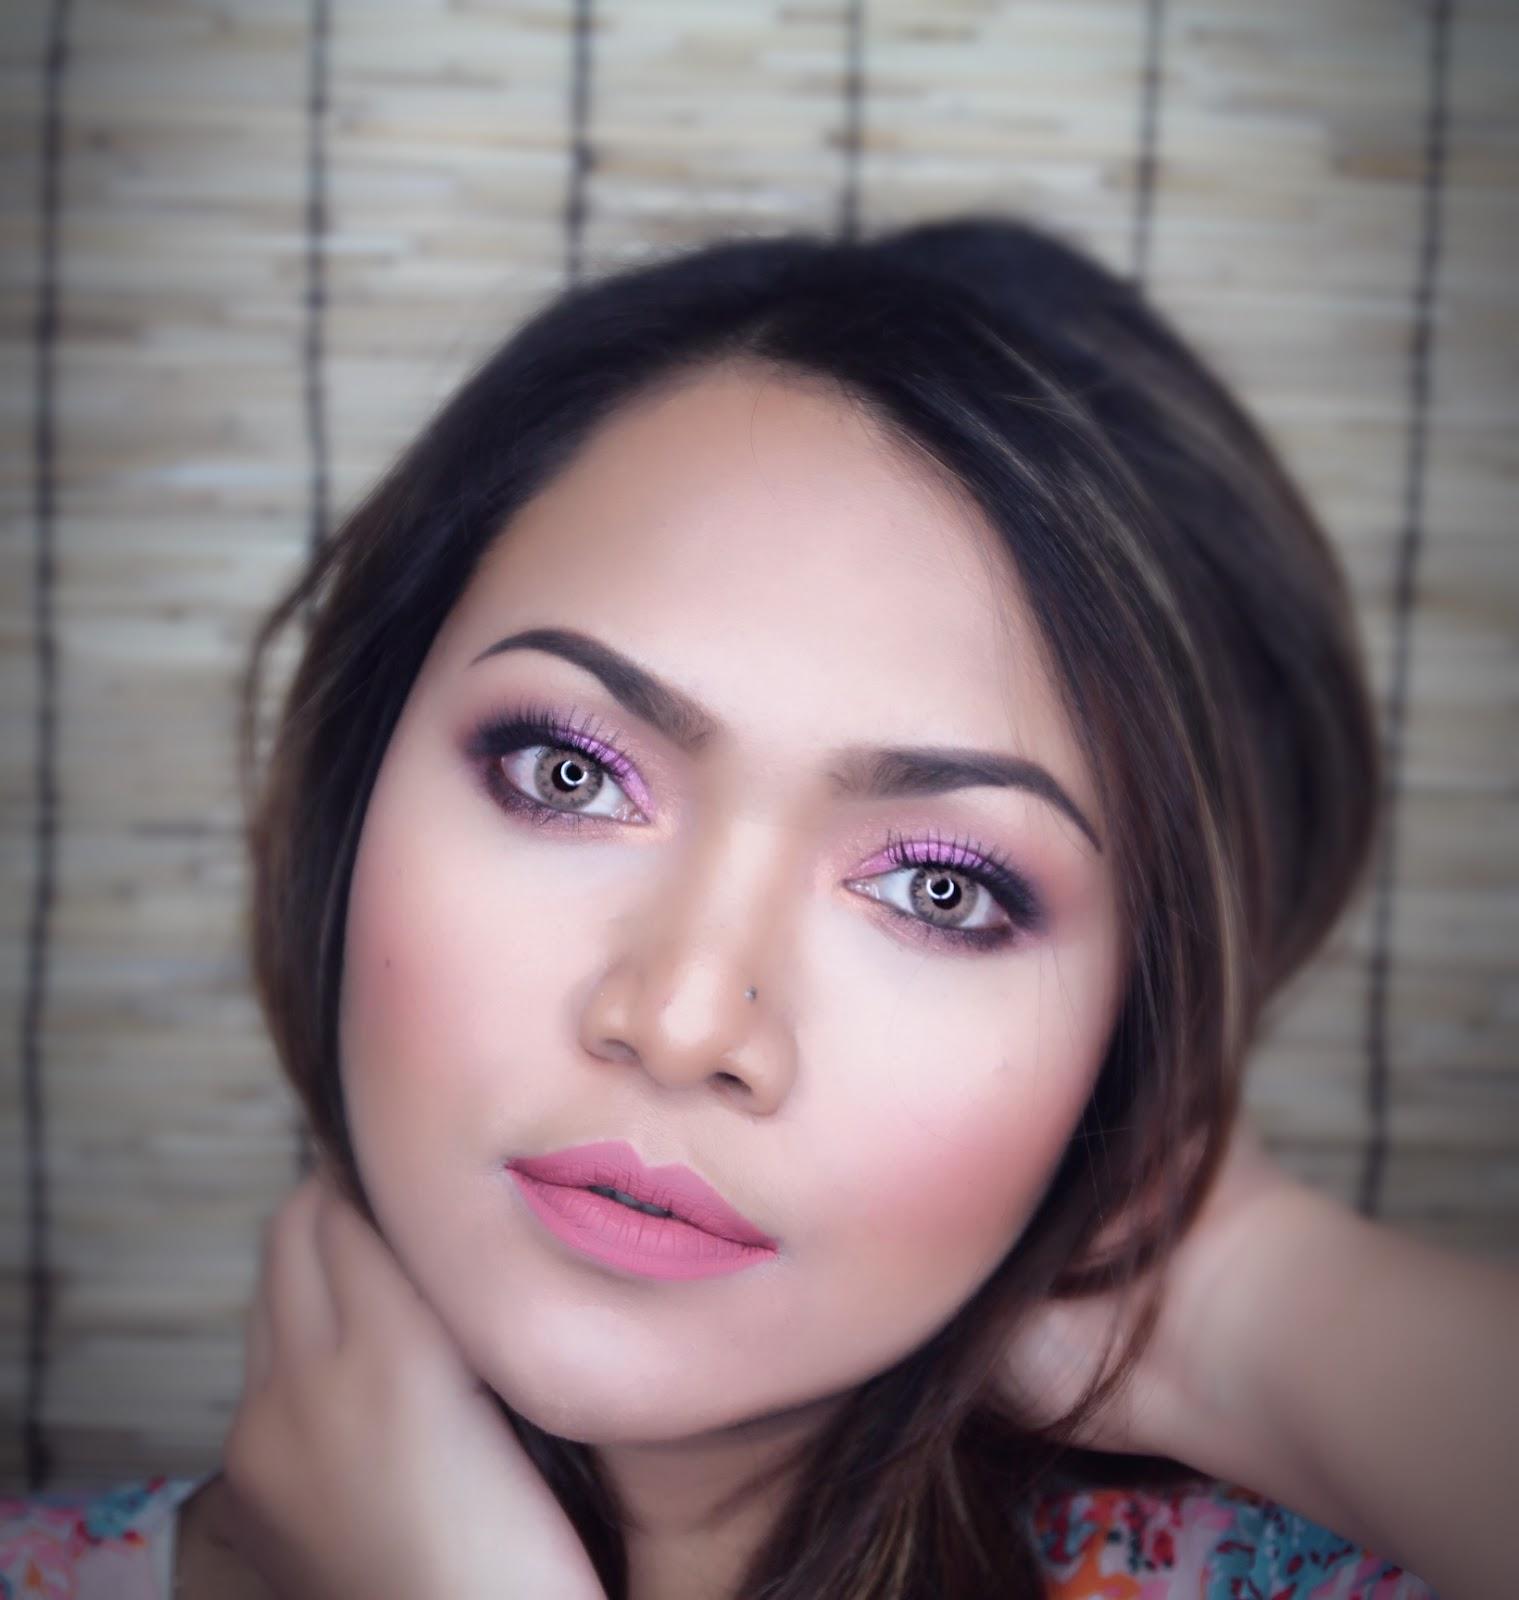 Review Mukka Eye Shadow No 02 Beauty Revolution By Savitrihutapea 7016 Bagaimana Menurut Kalian Hasil Result Dari Menggunakan Palette Ini So Far Aku Sih Suka Agak Sedikit Terkejut Karena Warnanya Lumayan